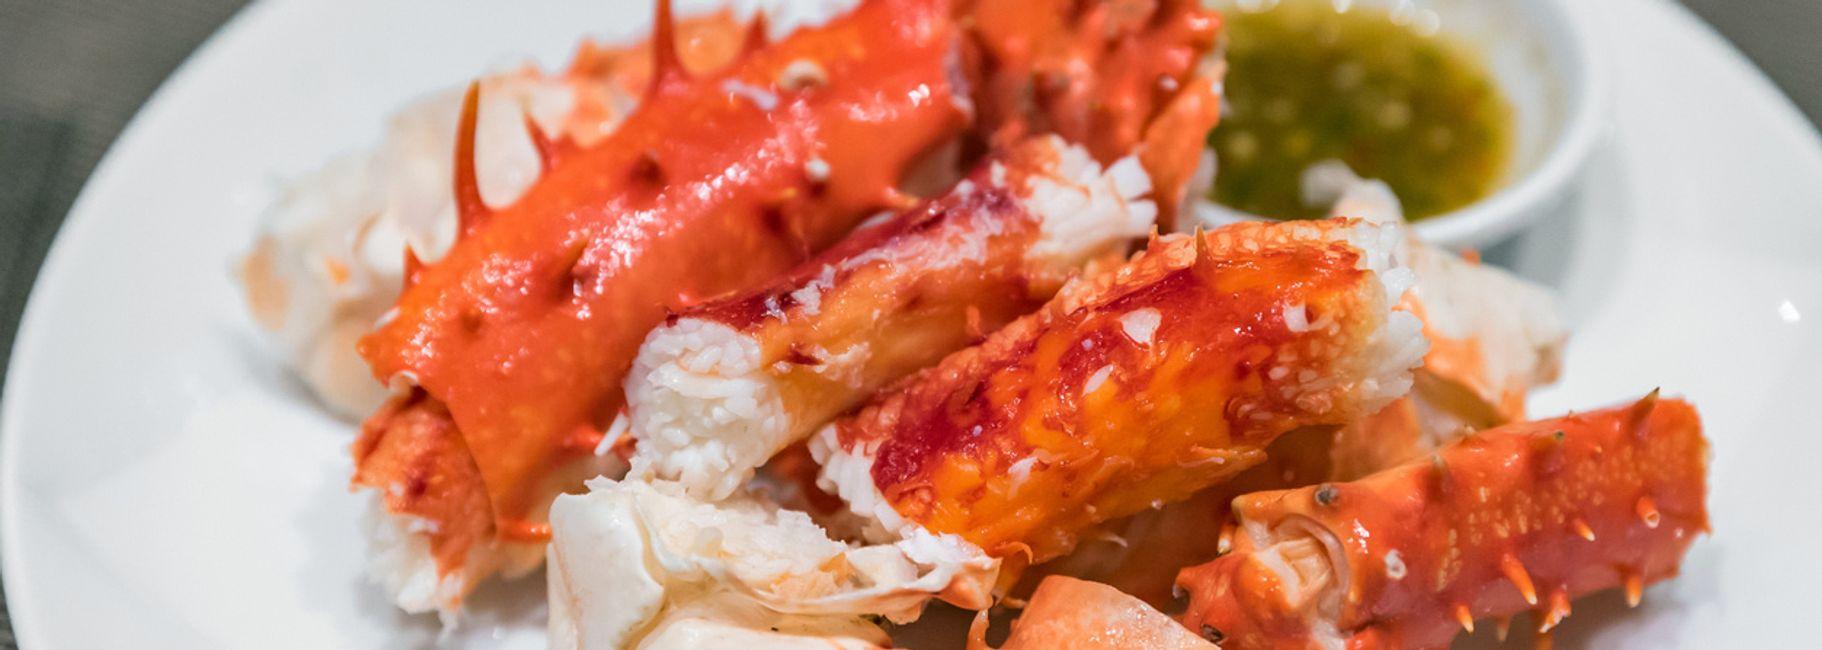 Crab Cakes with Horseradish Cream